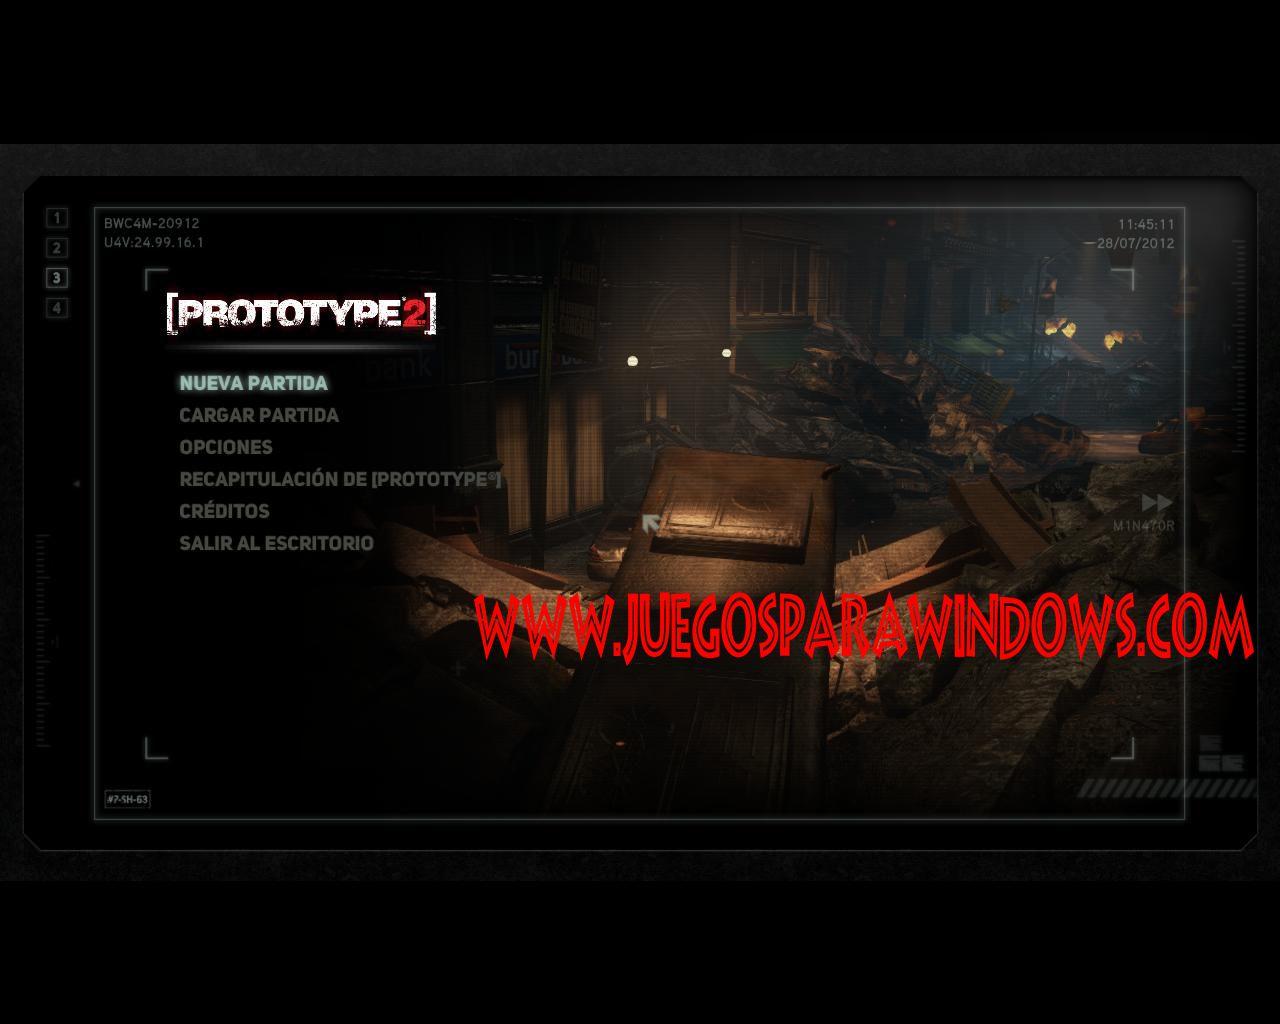 imagenes propias prototype 2 PC Descargar